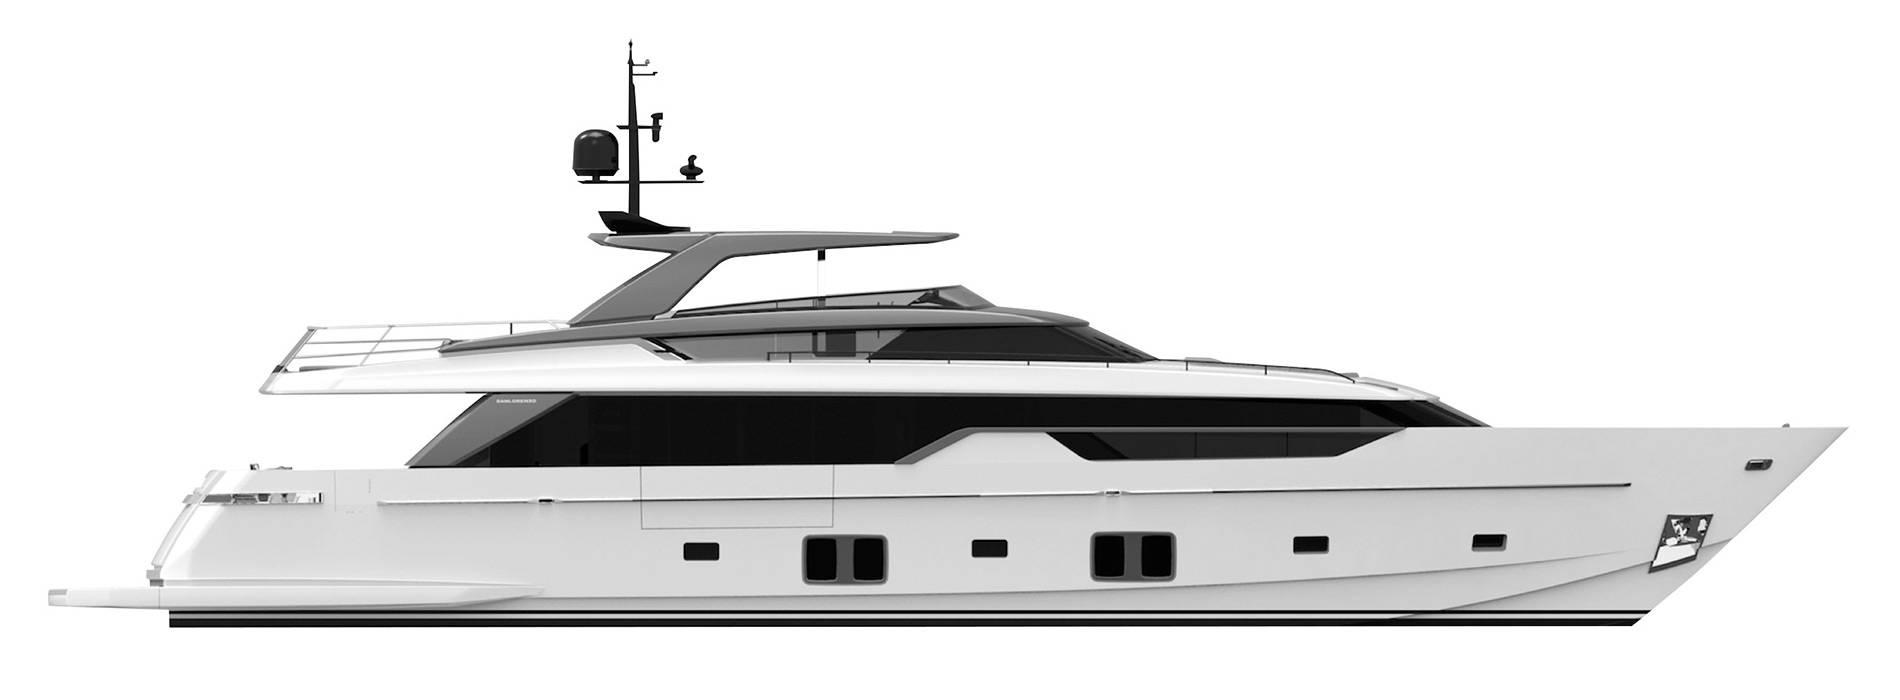 Sanlorenzo Yachts SL102 Asymmetric Perfil